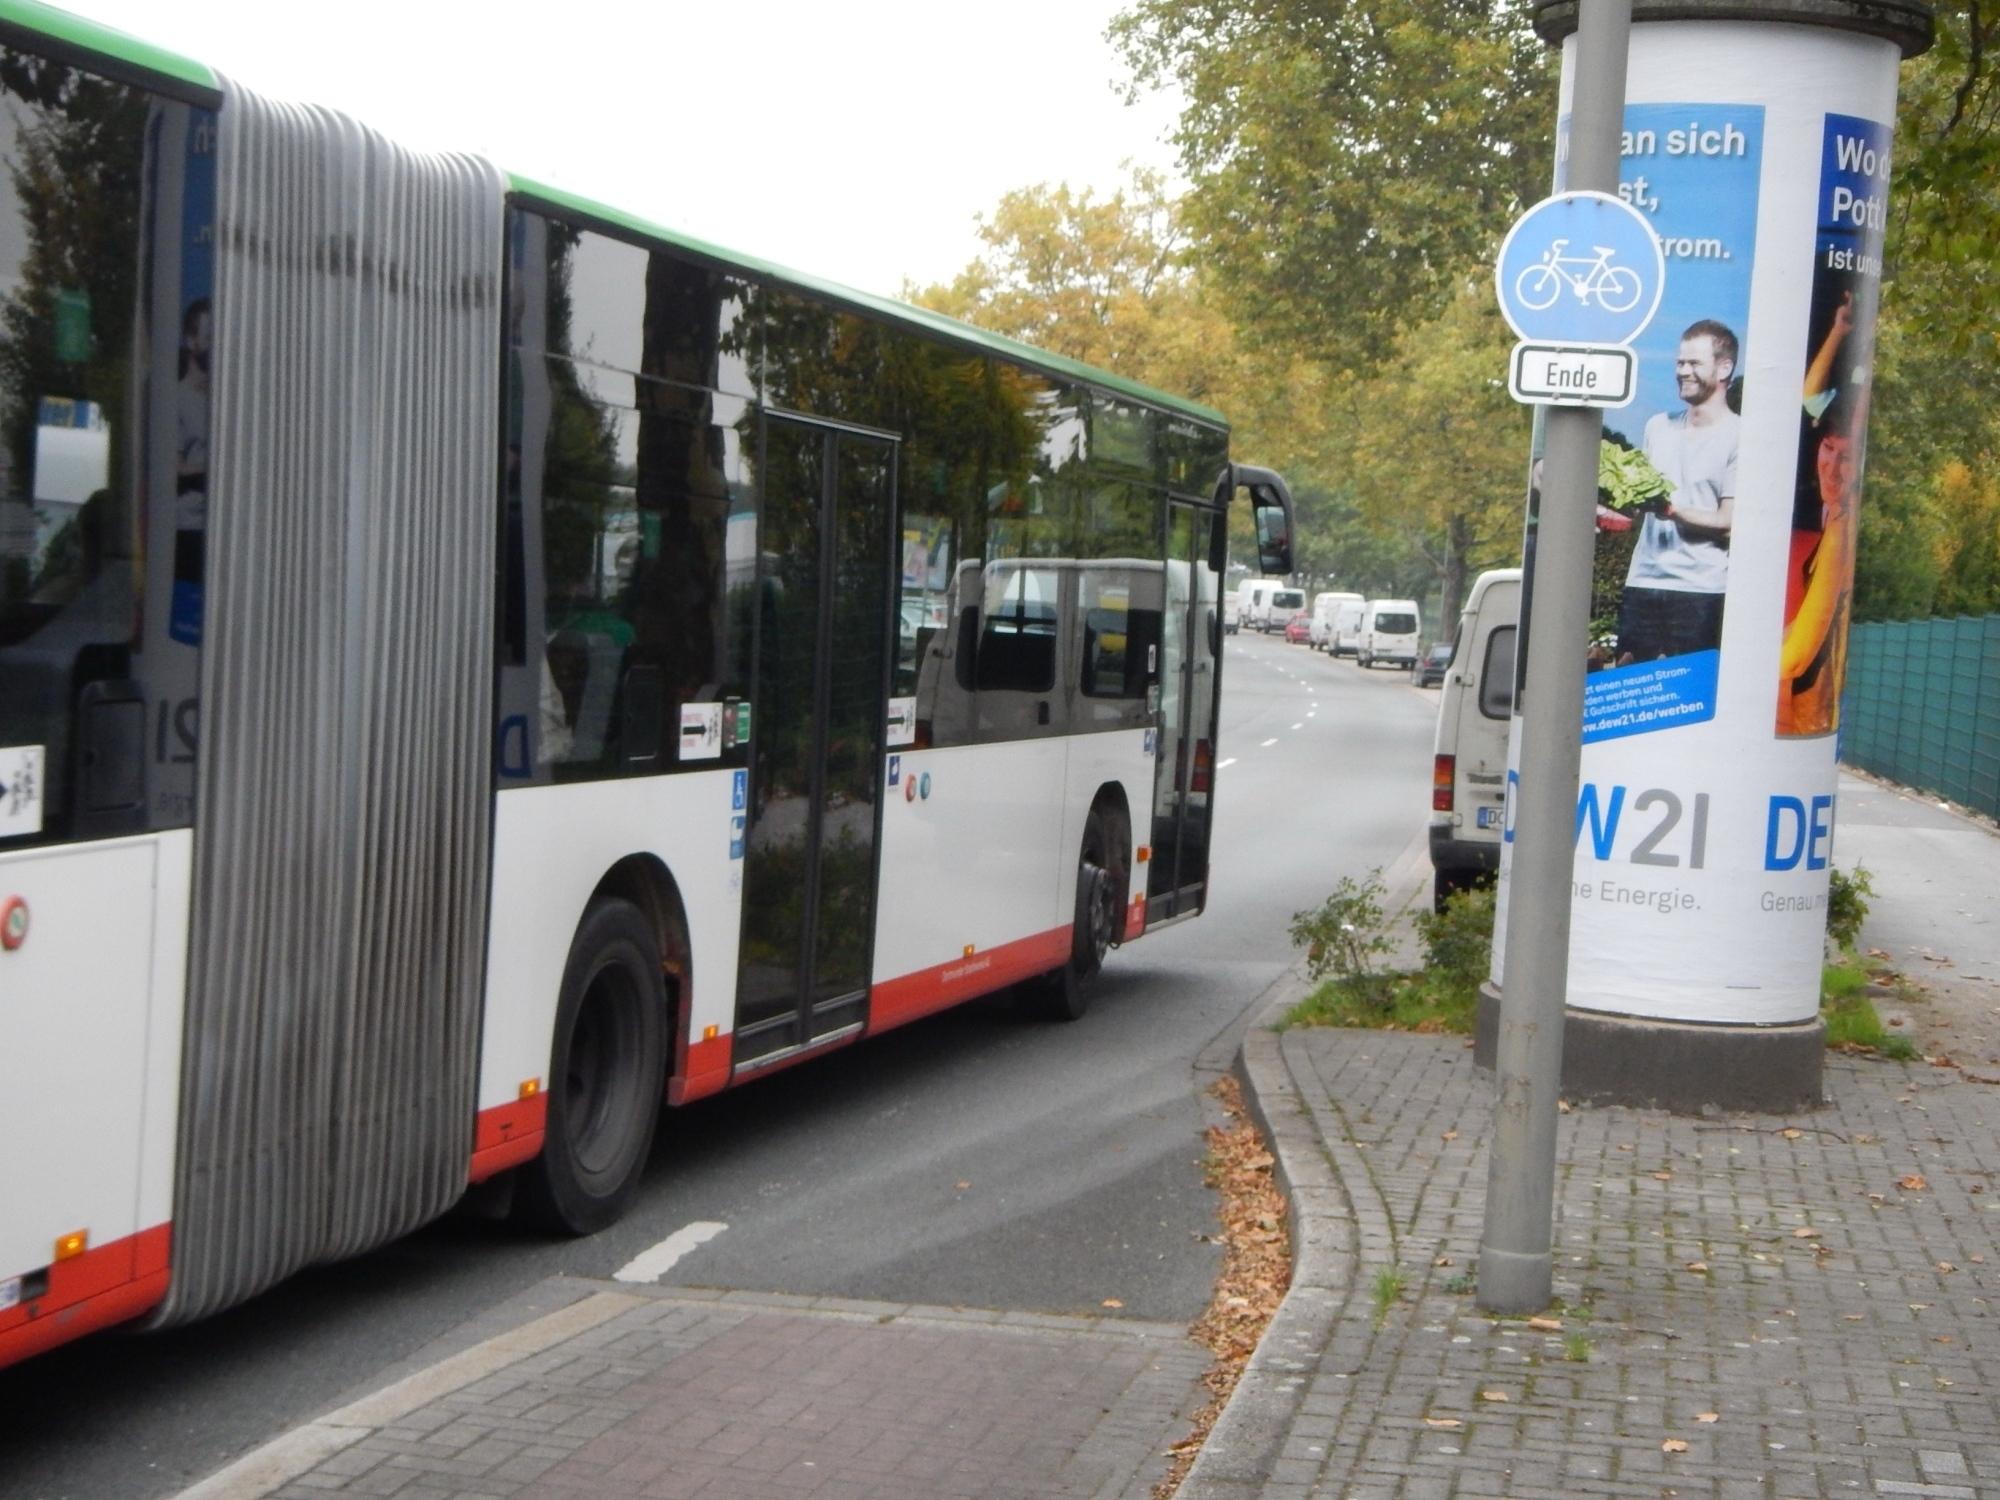 Radfahren in Städten - Deutsche Städte sind nicht besonders fahrradfreundlich